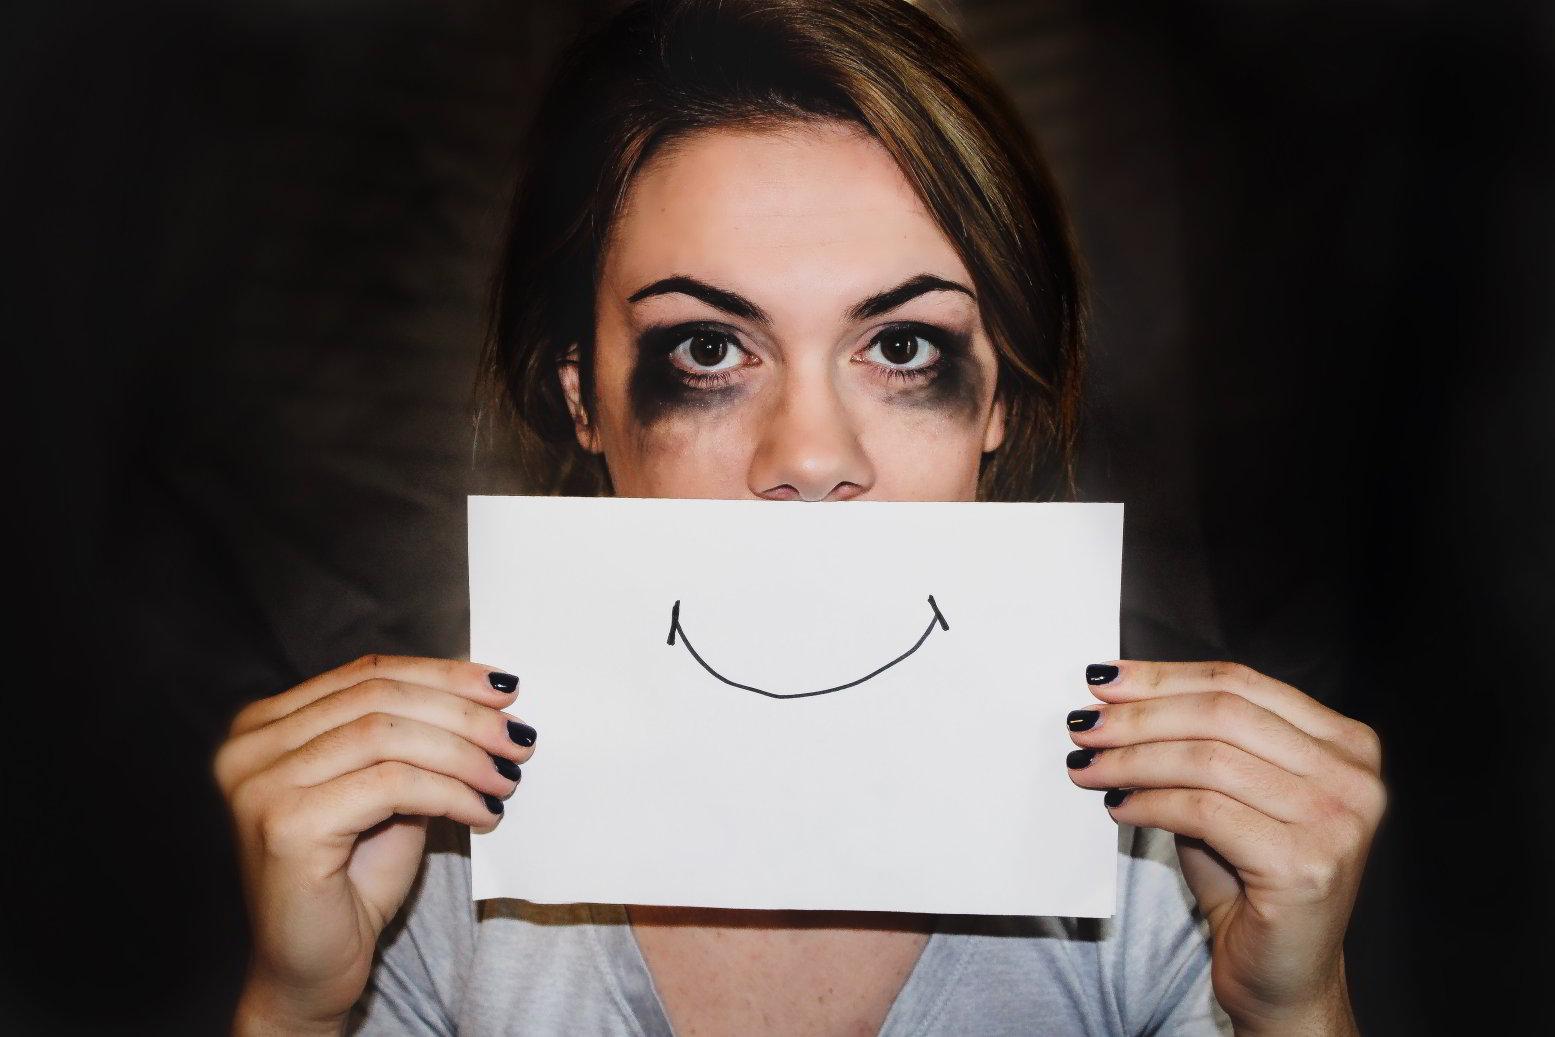 Tristeza Depresion Psicologia